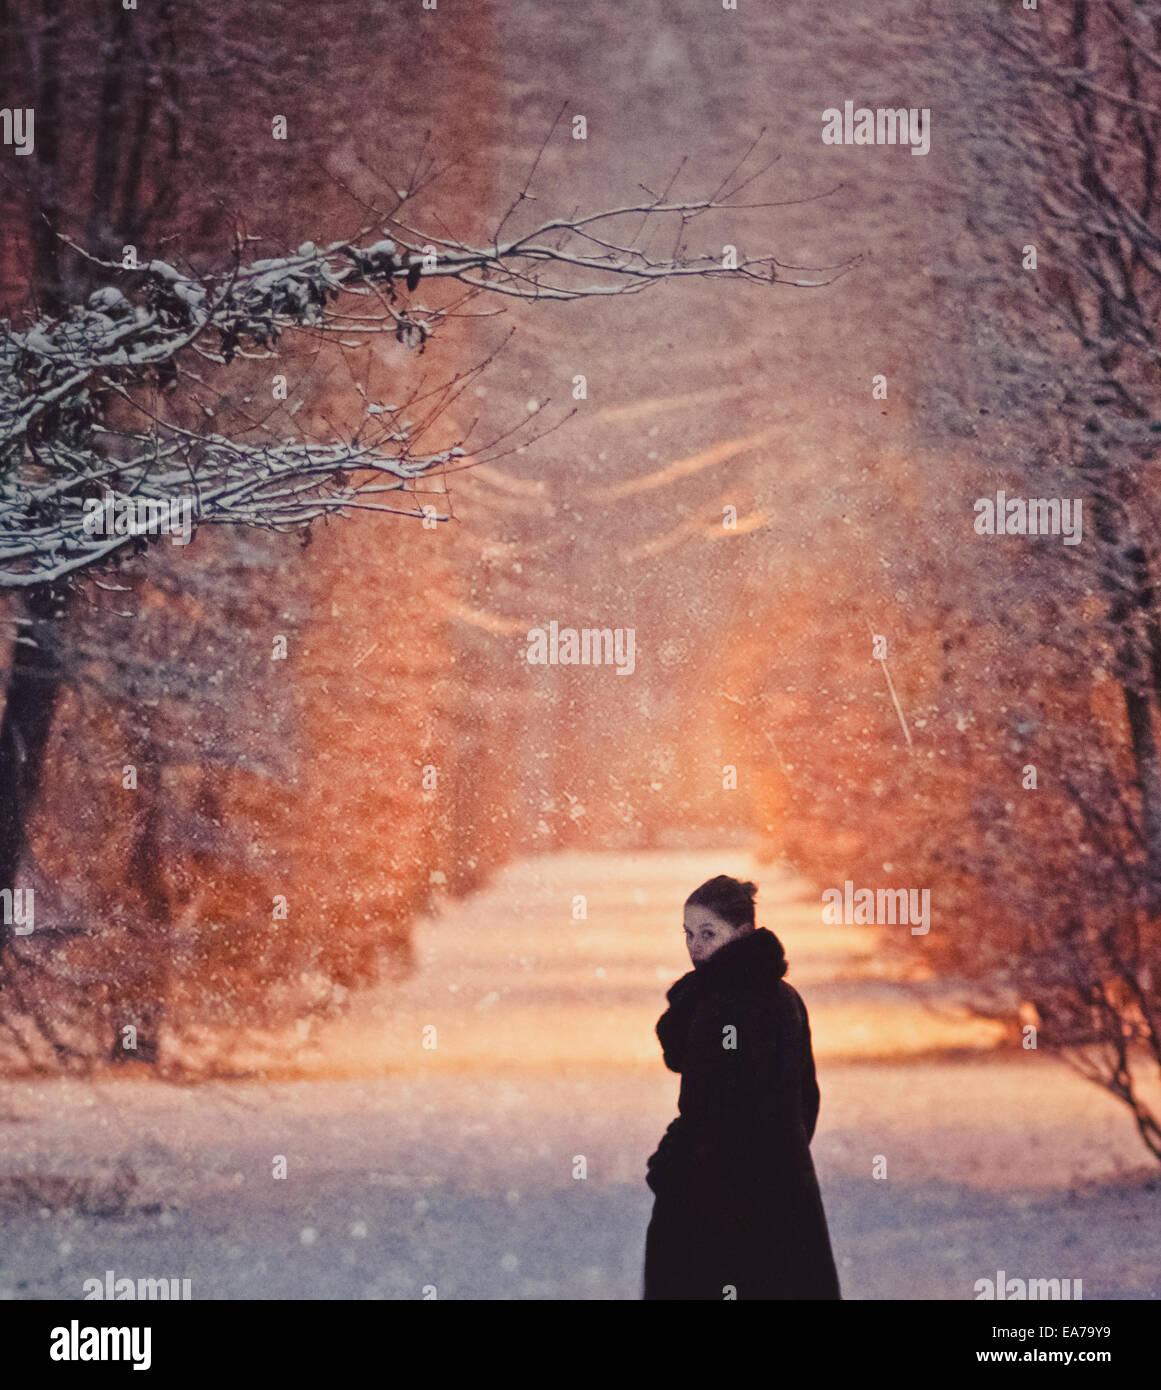 Un paseo en un parque de nieve Imagen De Stock